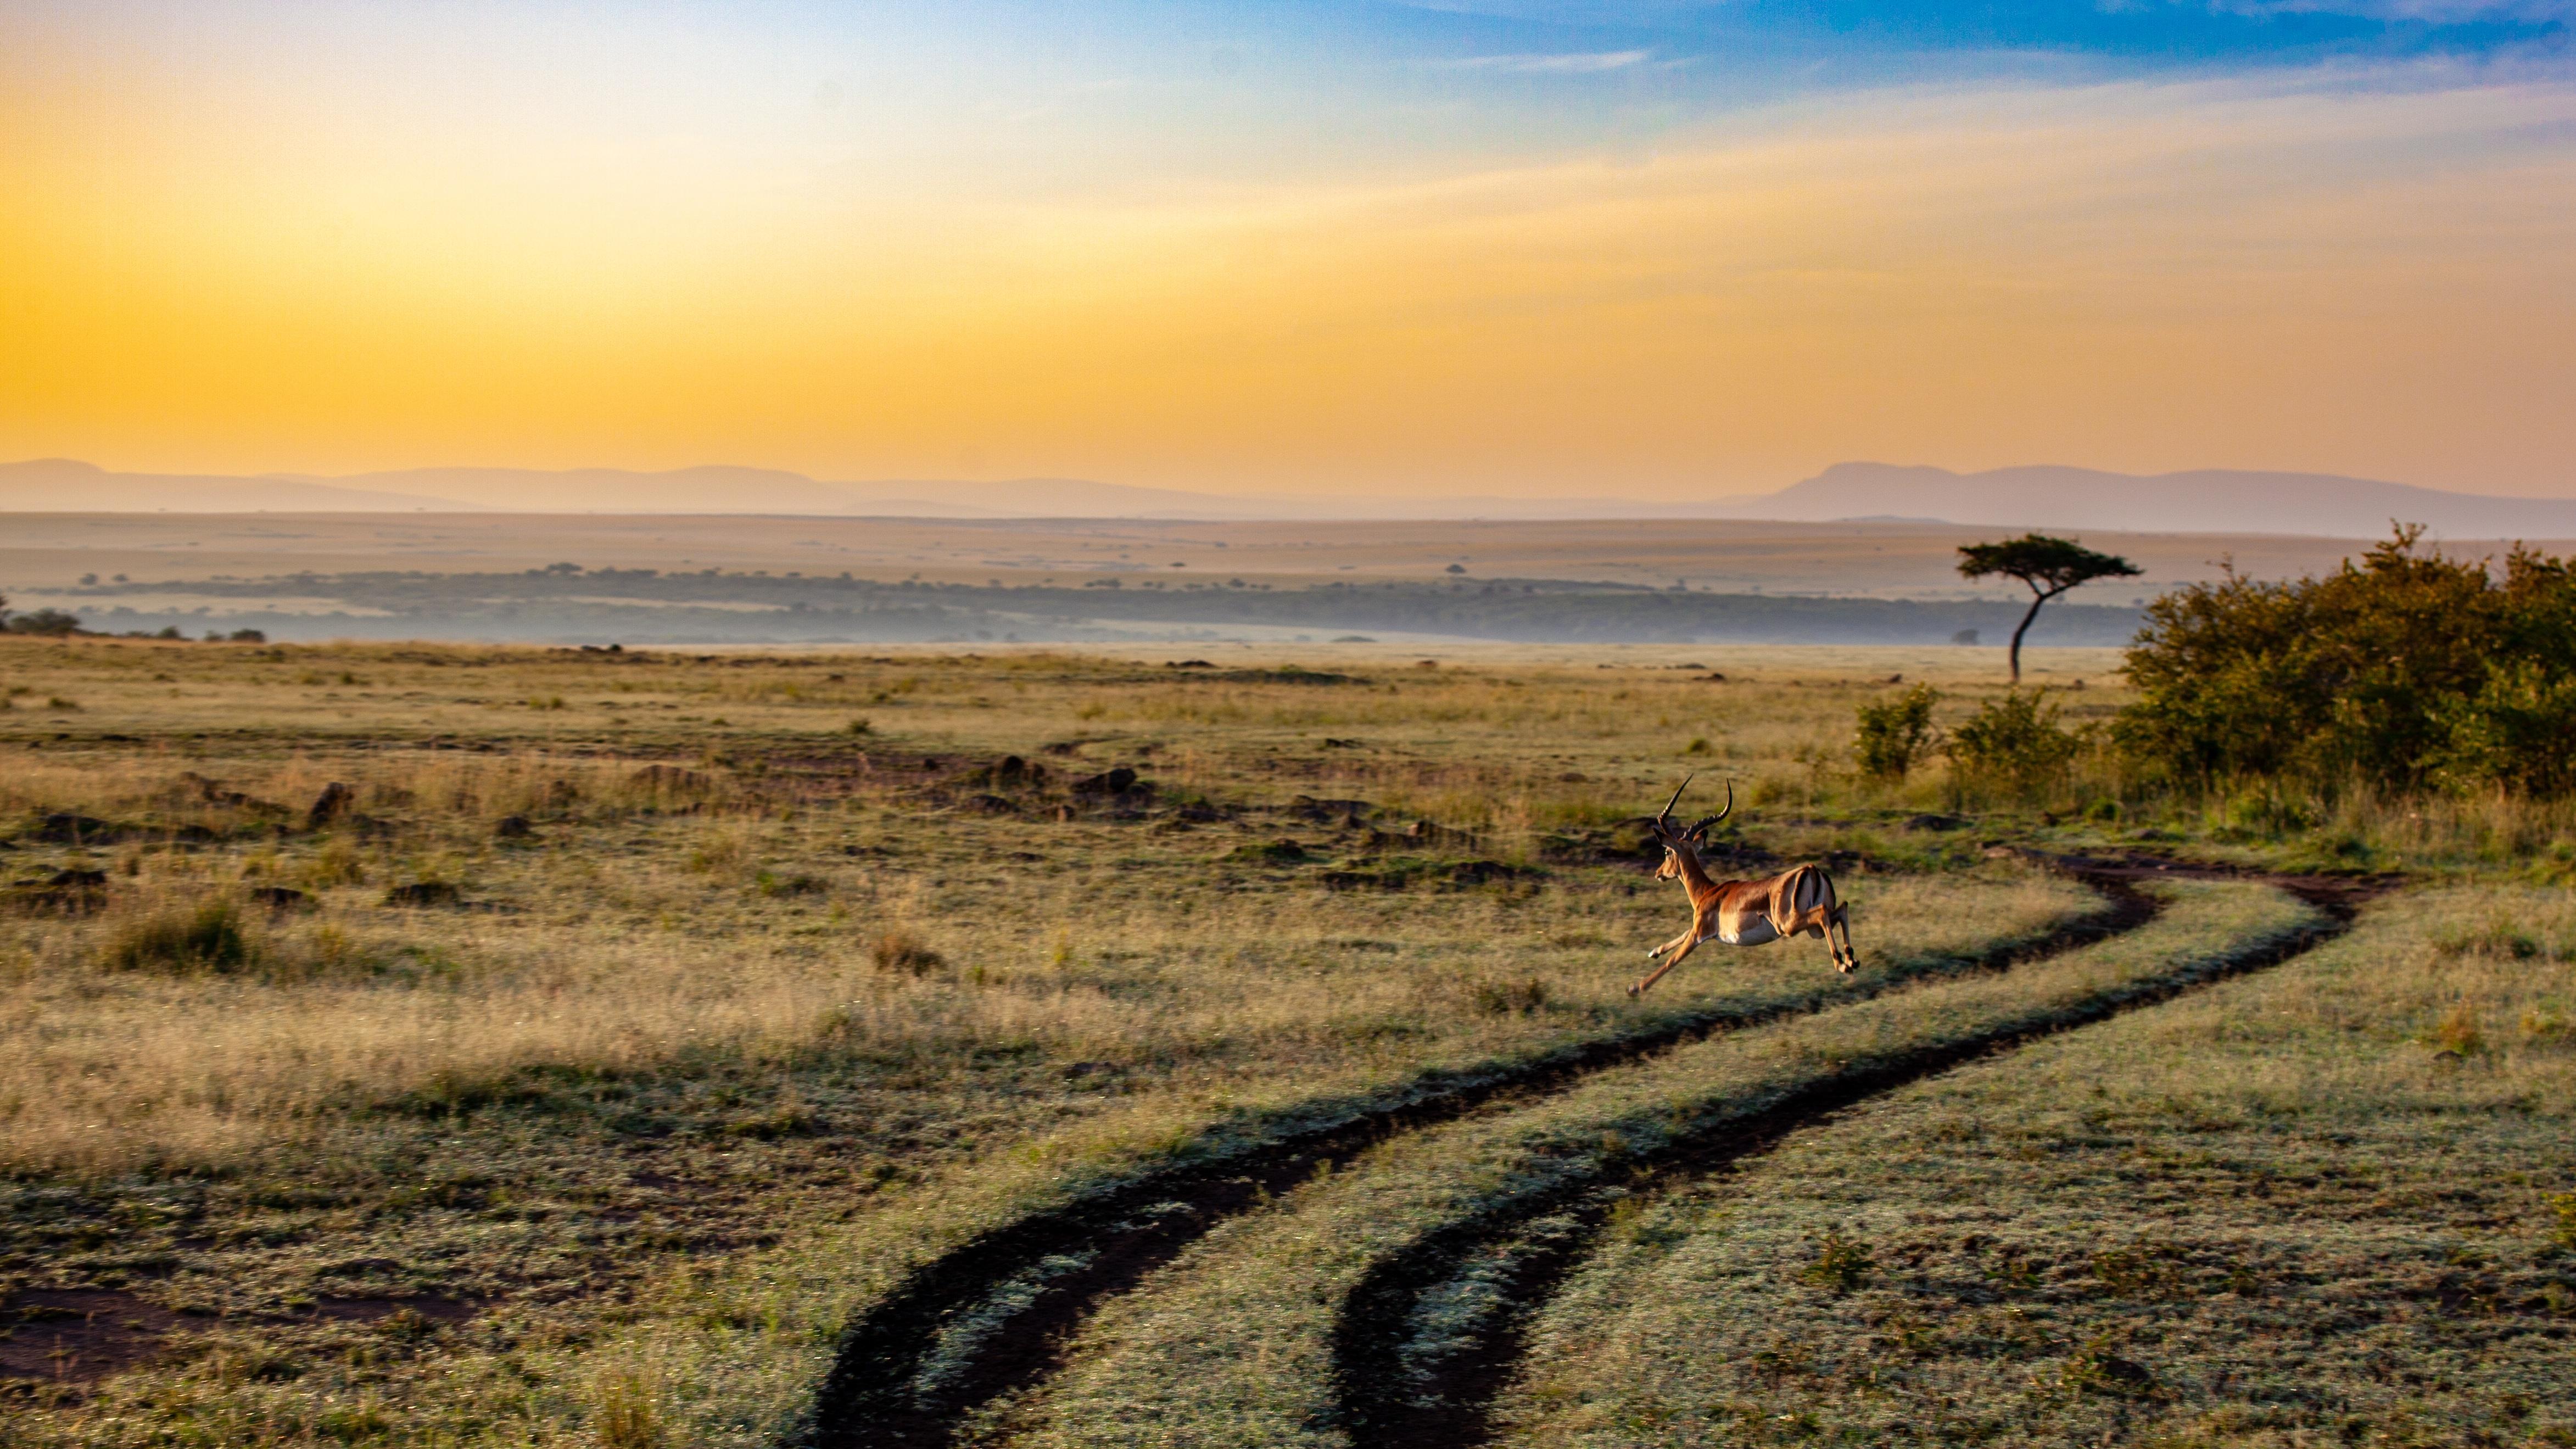 antilope sur une route de safari